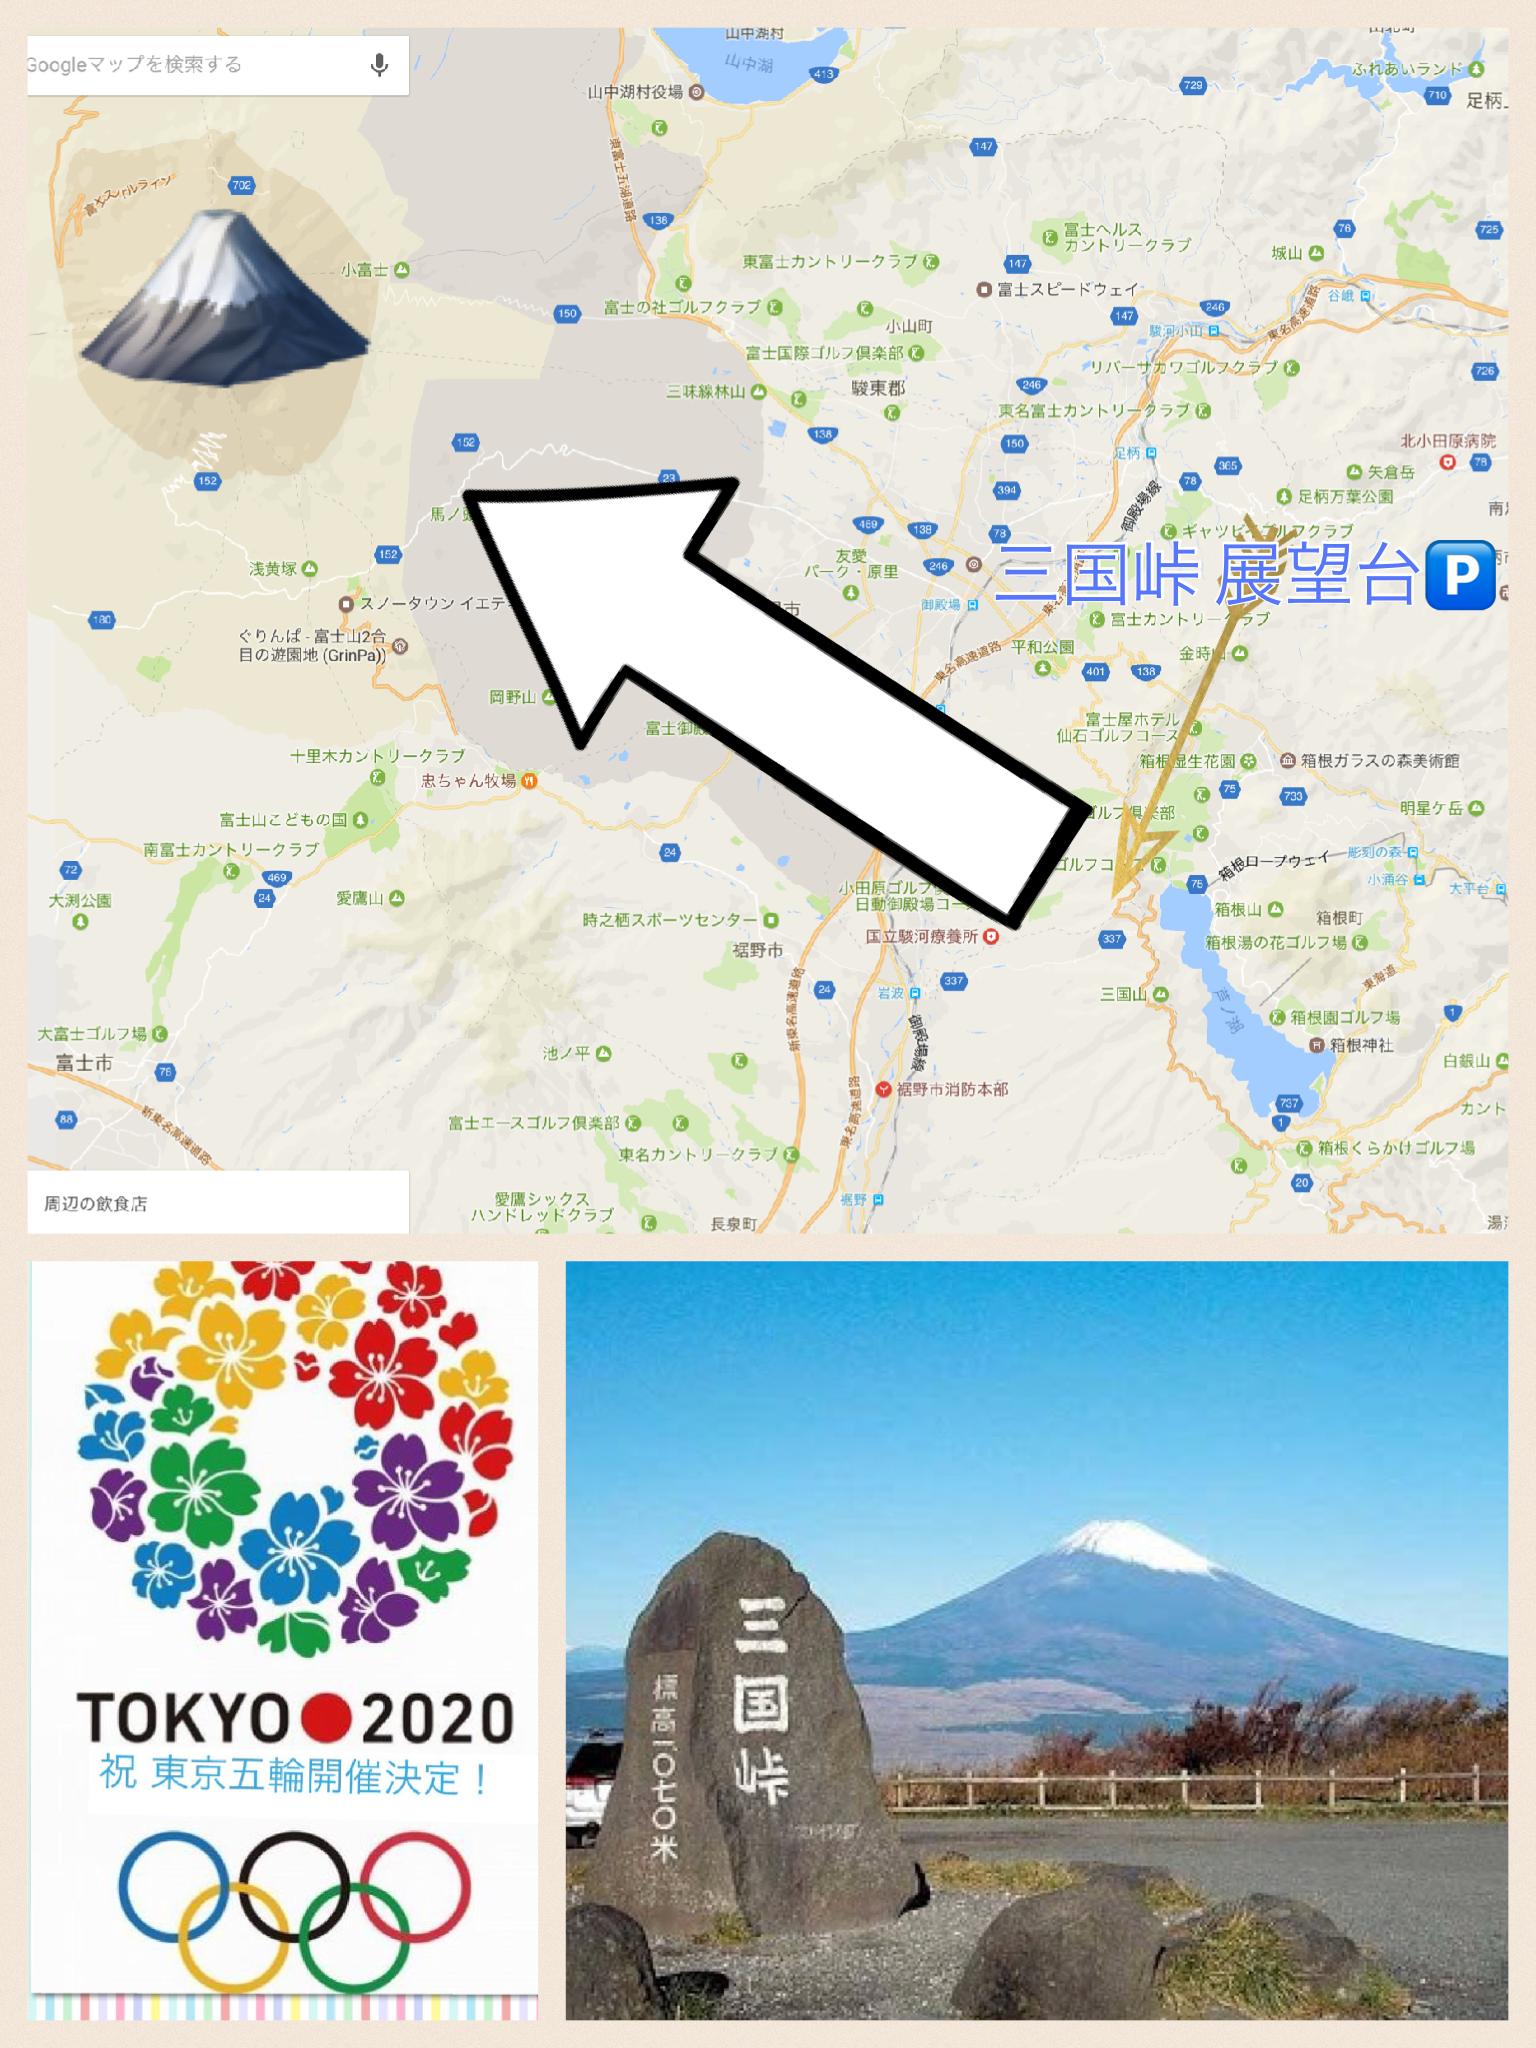 クルマの撮影ポイント 芦ノ湖スカイライン三国峠展望台🅿️